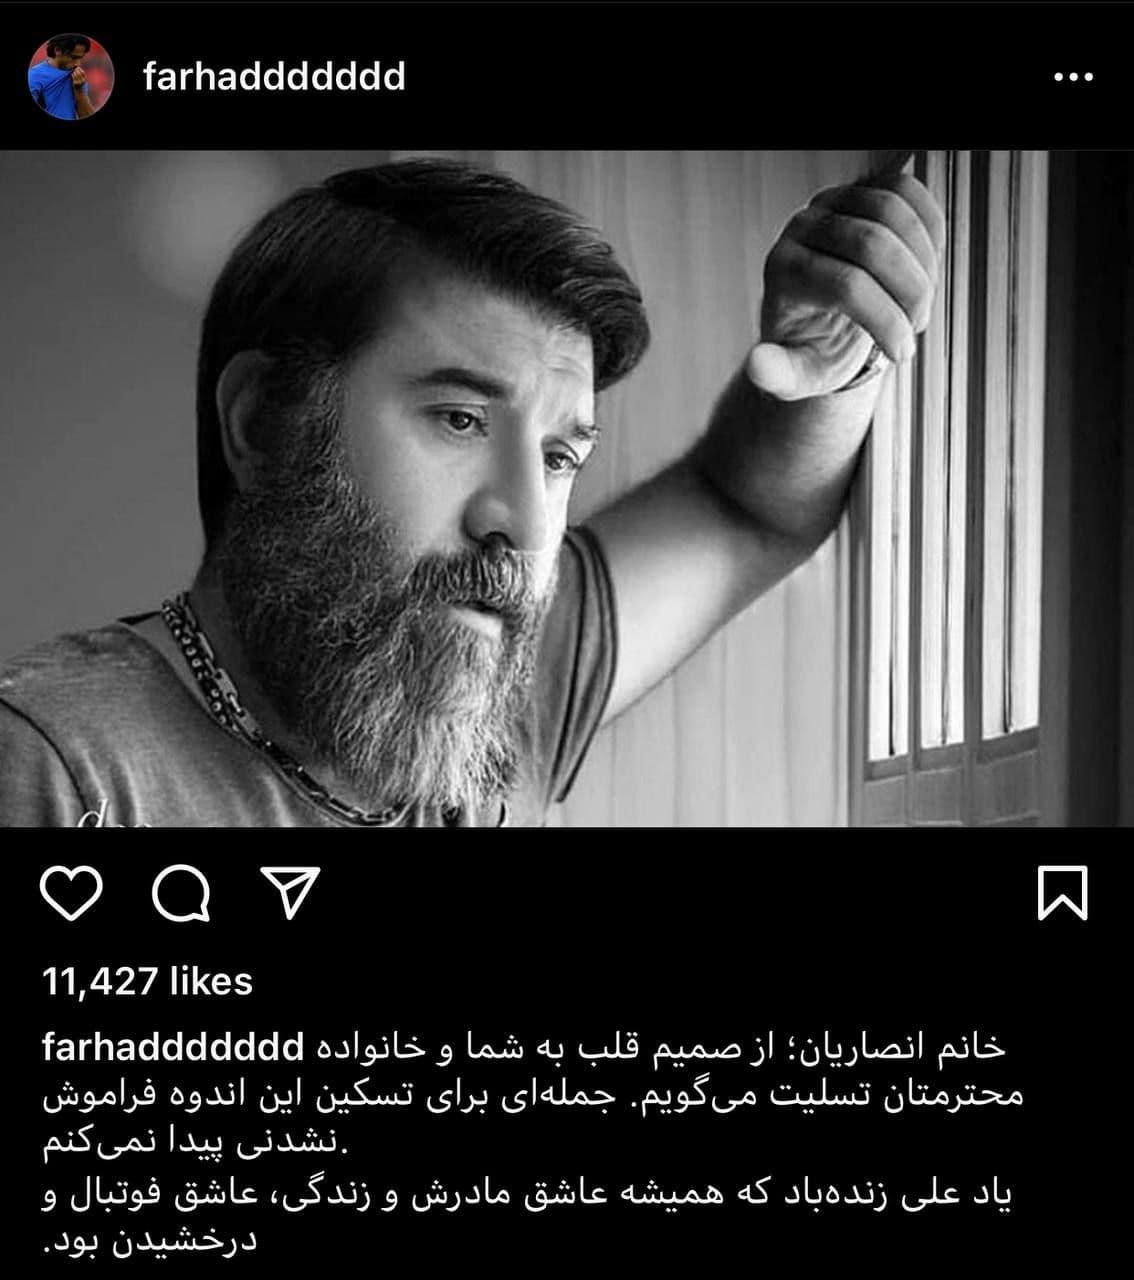 علی انصاریان درگذشت/ واکنشها به درگذشت این فوتبالیست پیشکسوت/ مادر علی انصاریان در بیمارستان بستری شد